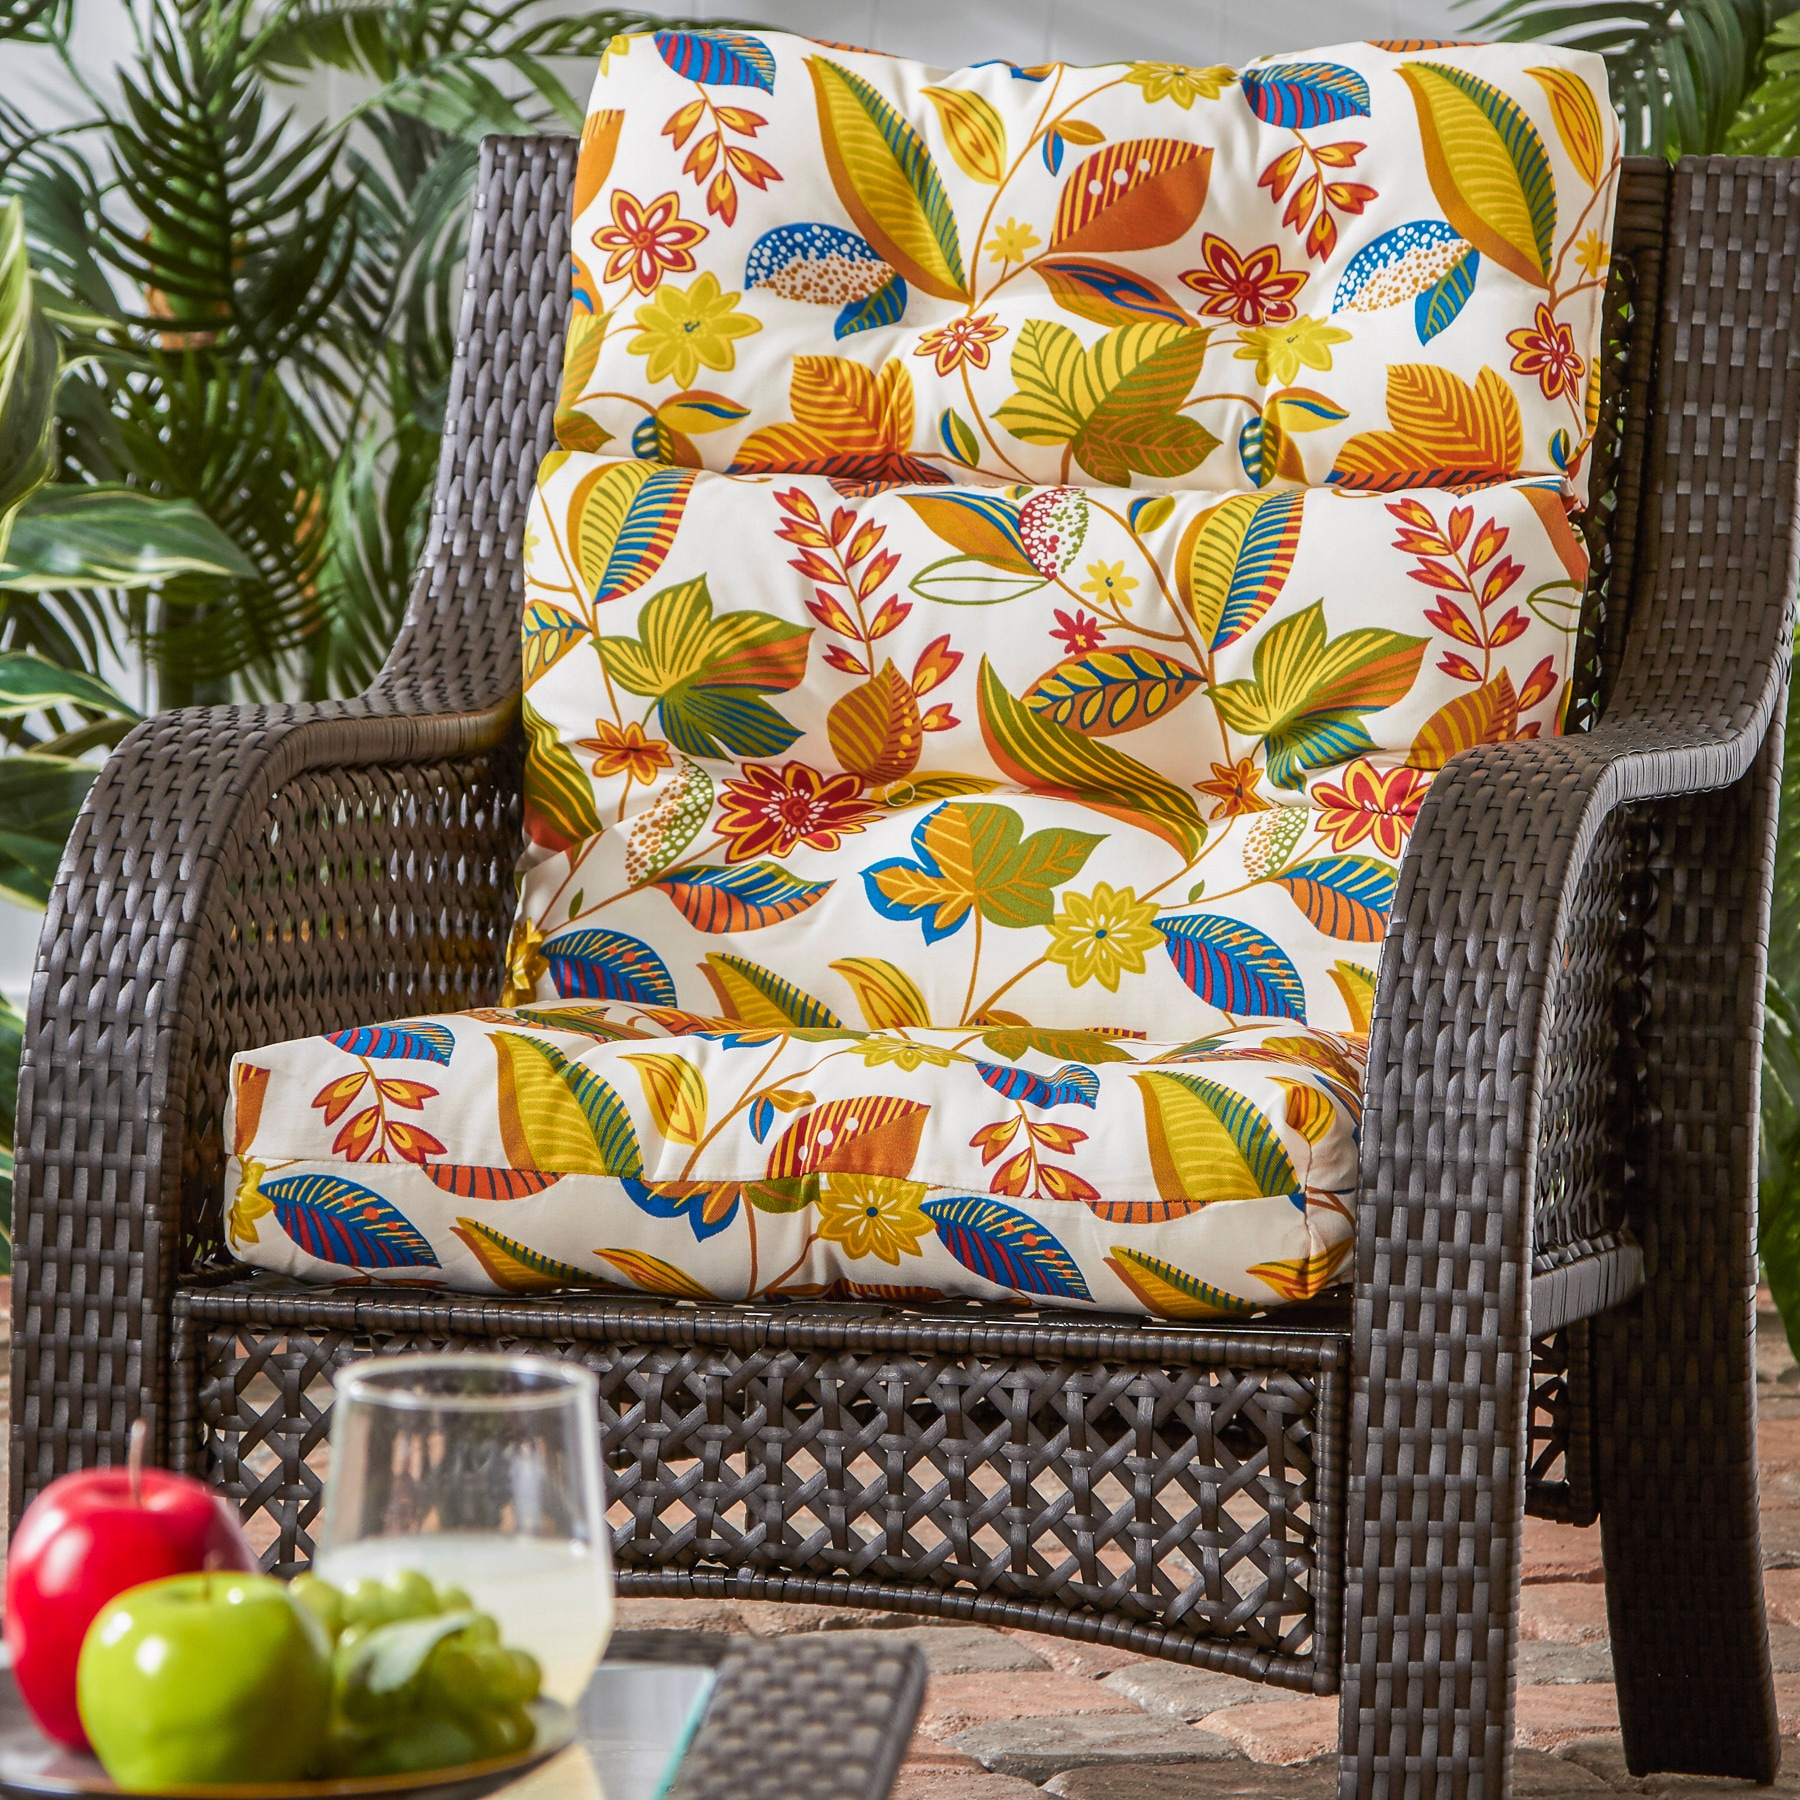 Shop Greendale Home Fashions Esprit Outdoor High Back Chair Cushion